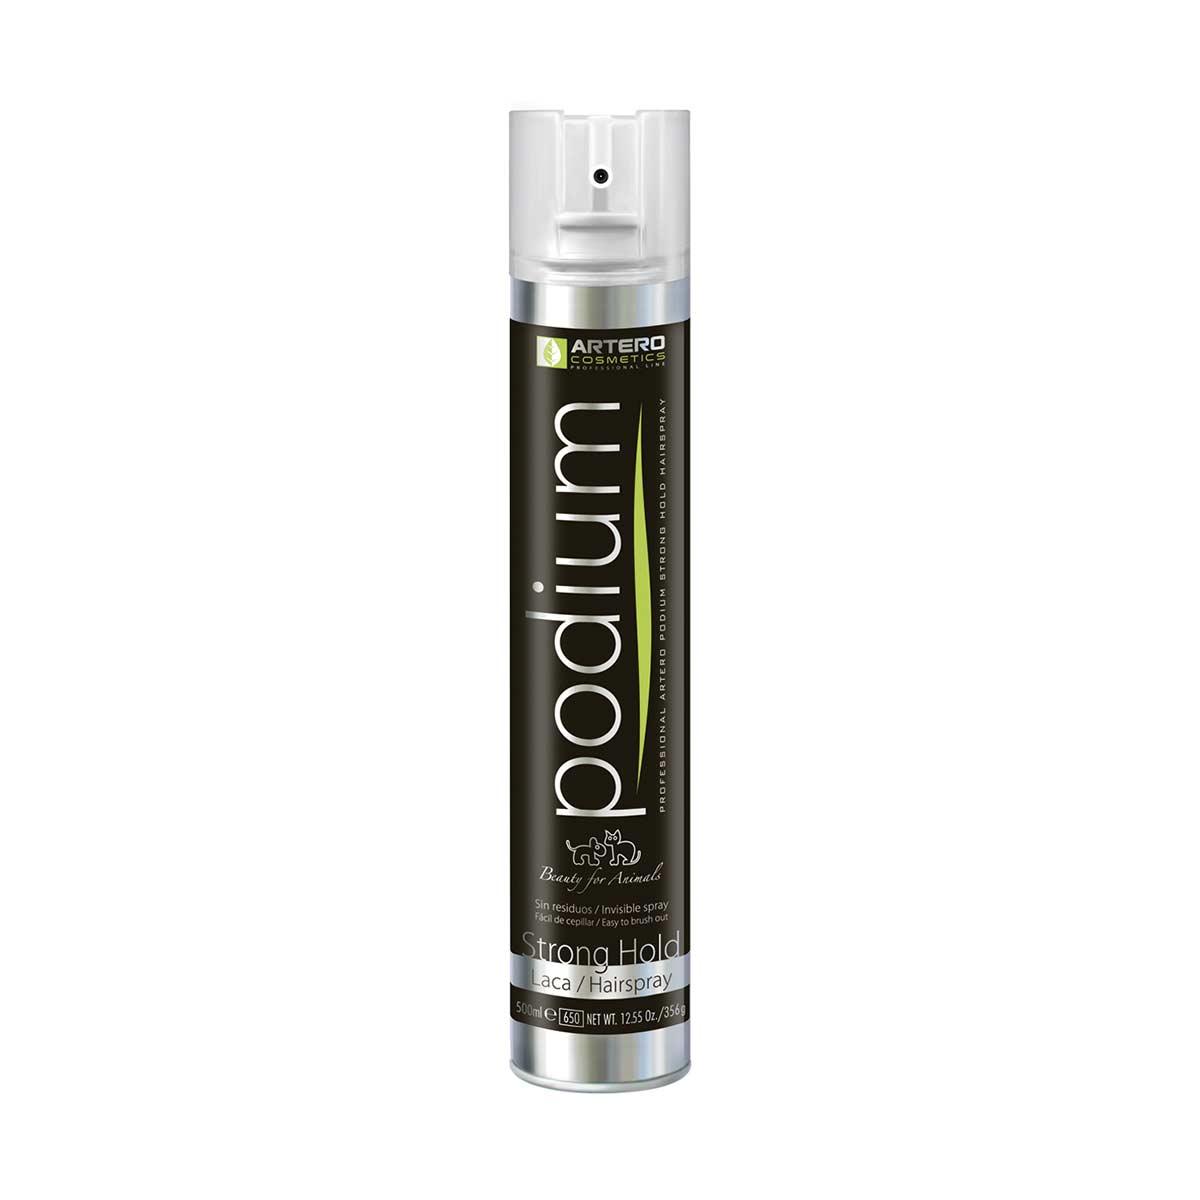 Artero PODIUM STRONG Hold Hair Spray 12.5 oz